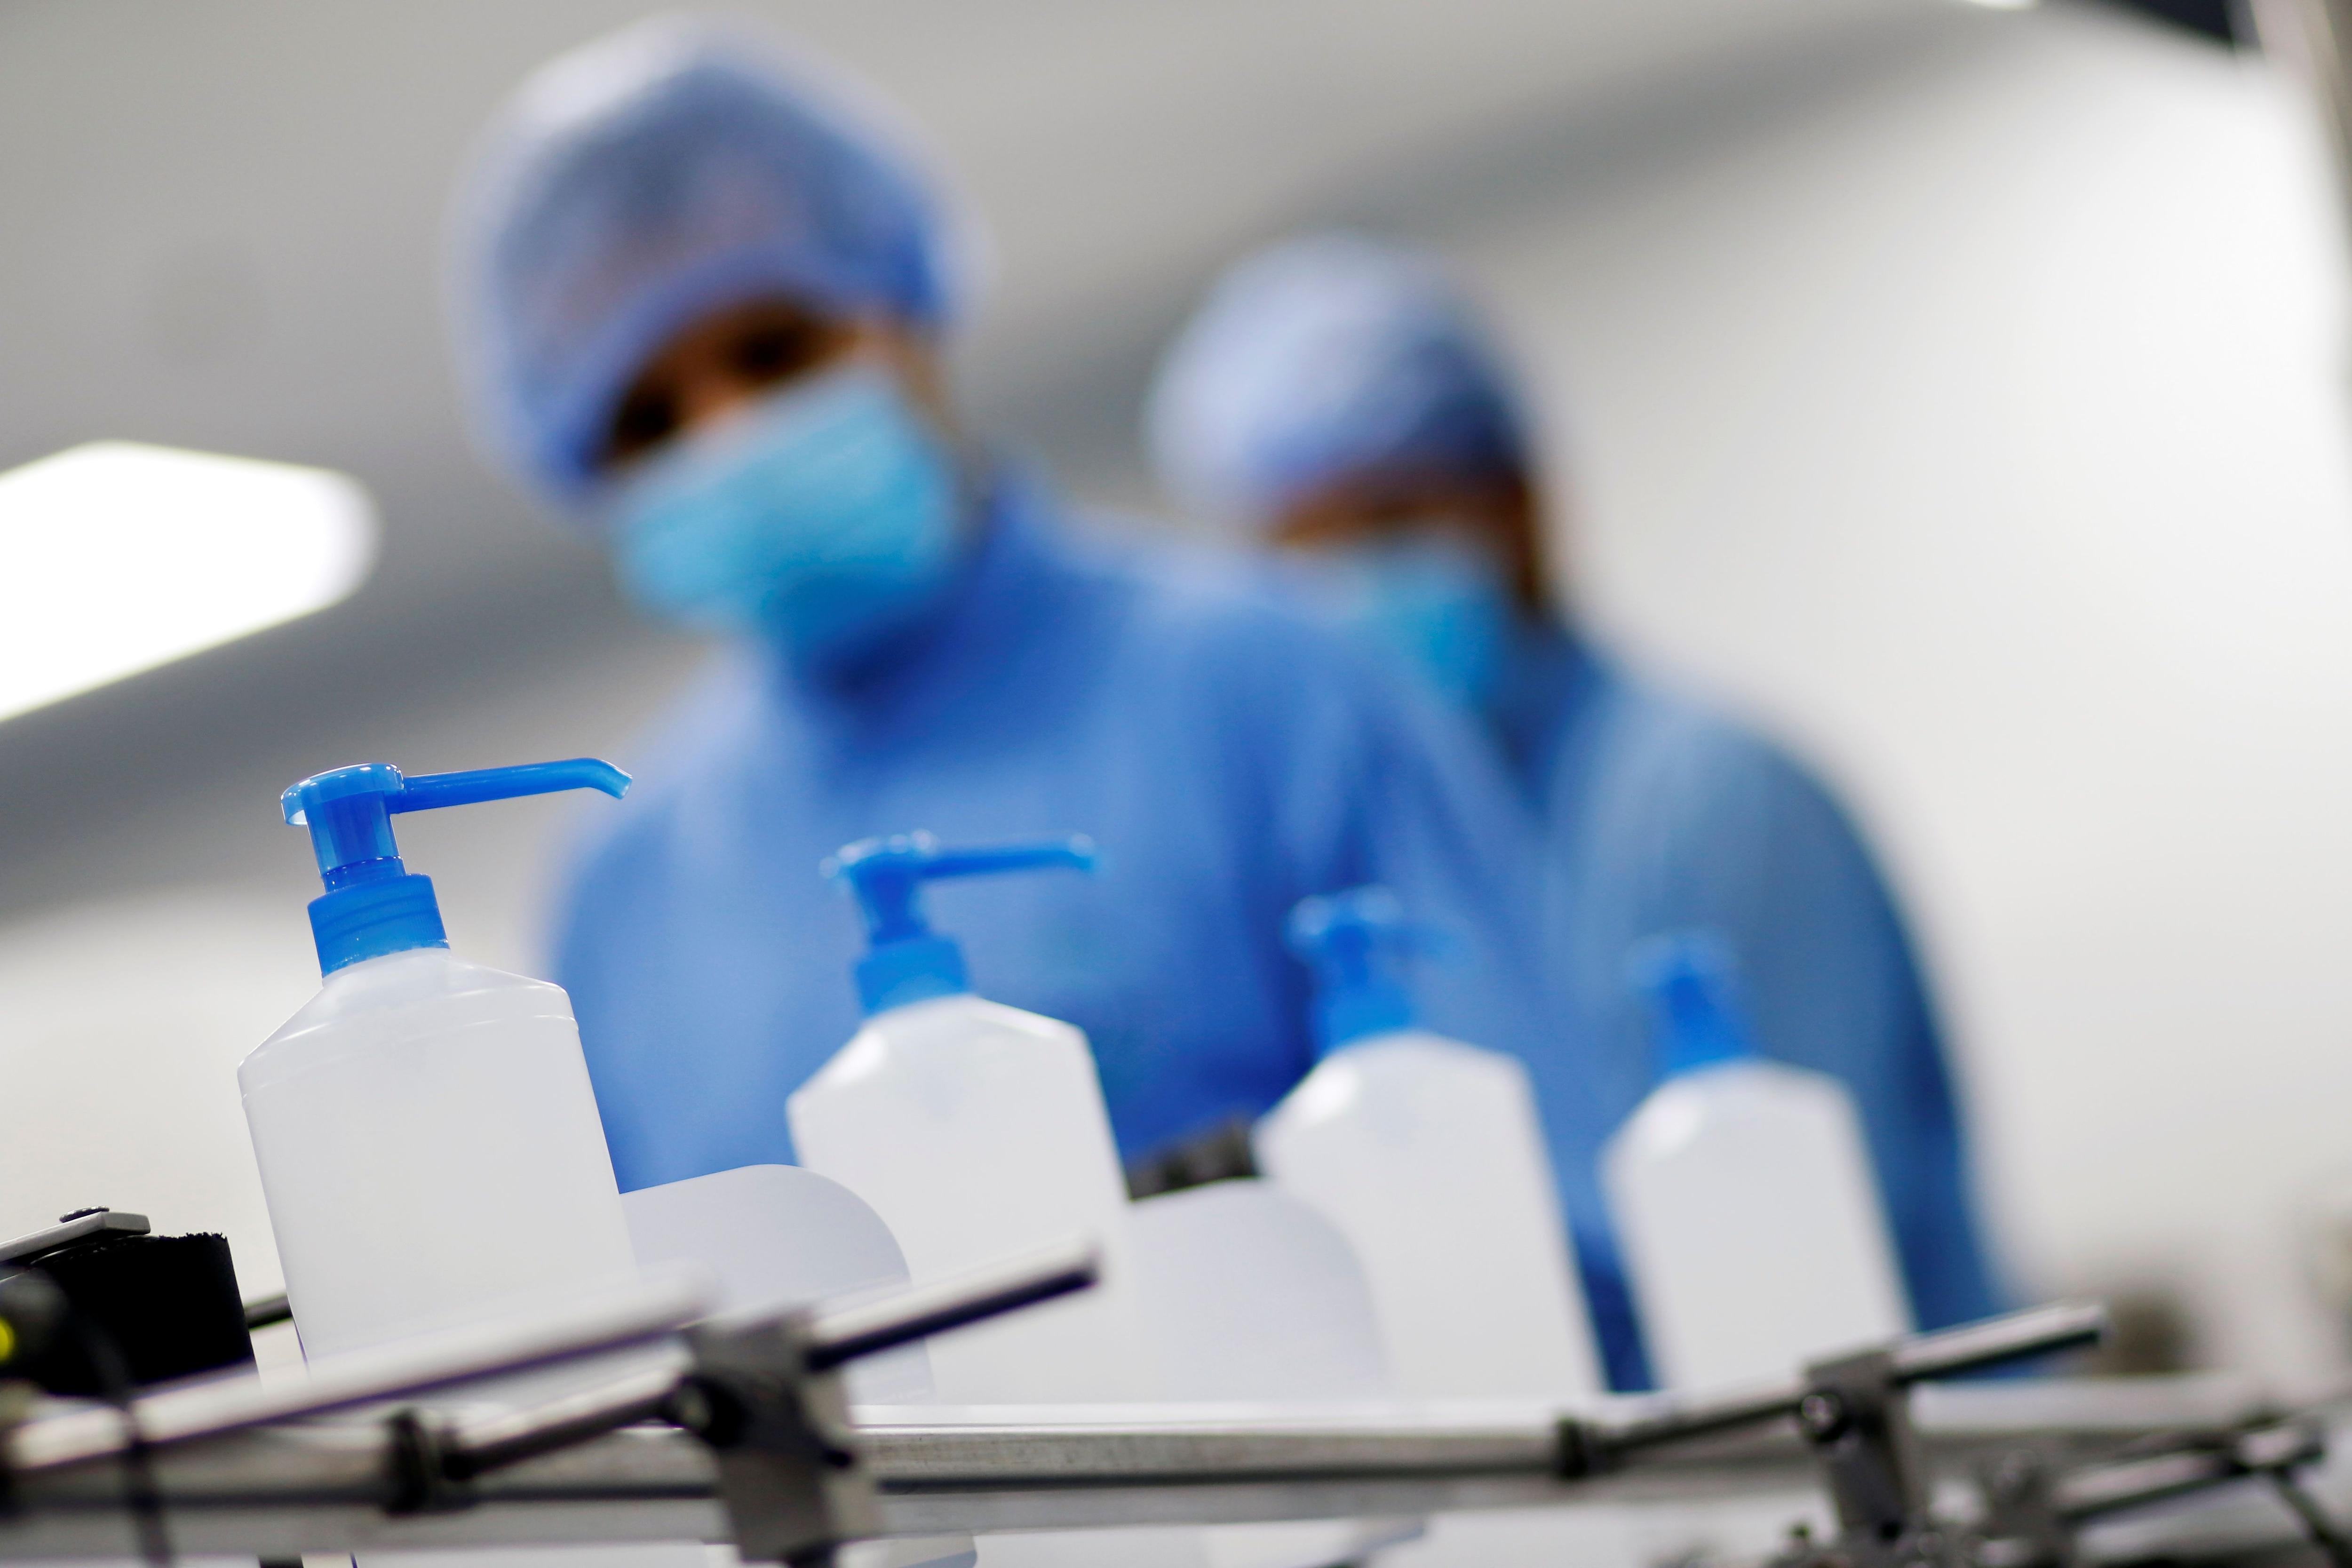 Los CDC dijeron que hay que frotar el desinfectante por toda la superficie de las manos, asegurándose de que se introduzca entre los dedos y el dorso de las manos (REUTERS)